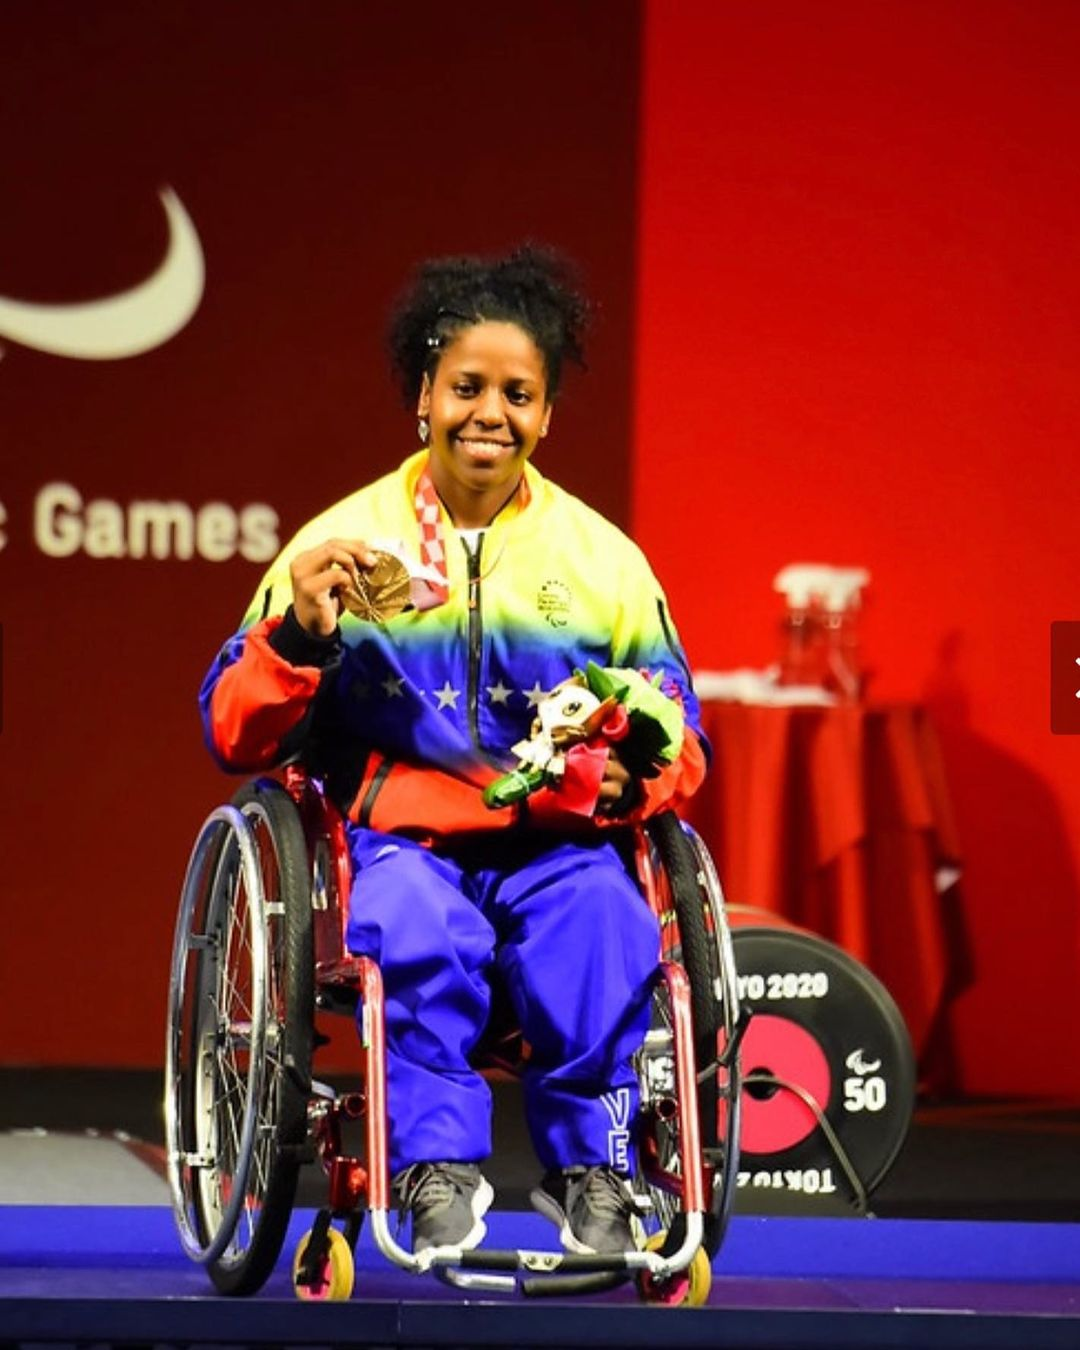 Clara Fuentes le da la primera medalla a Venezuela en los Juegos Paralímpicos